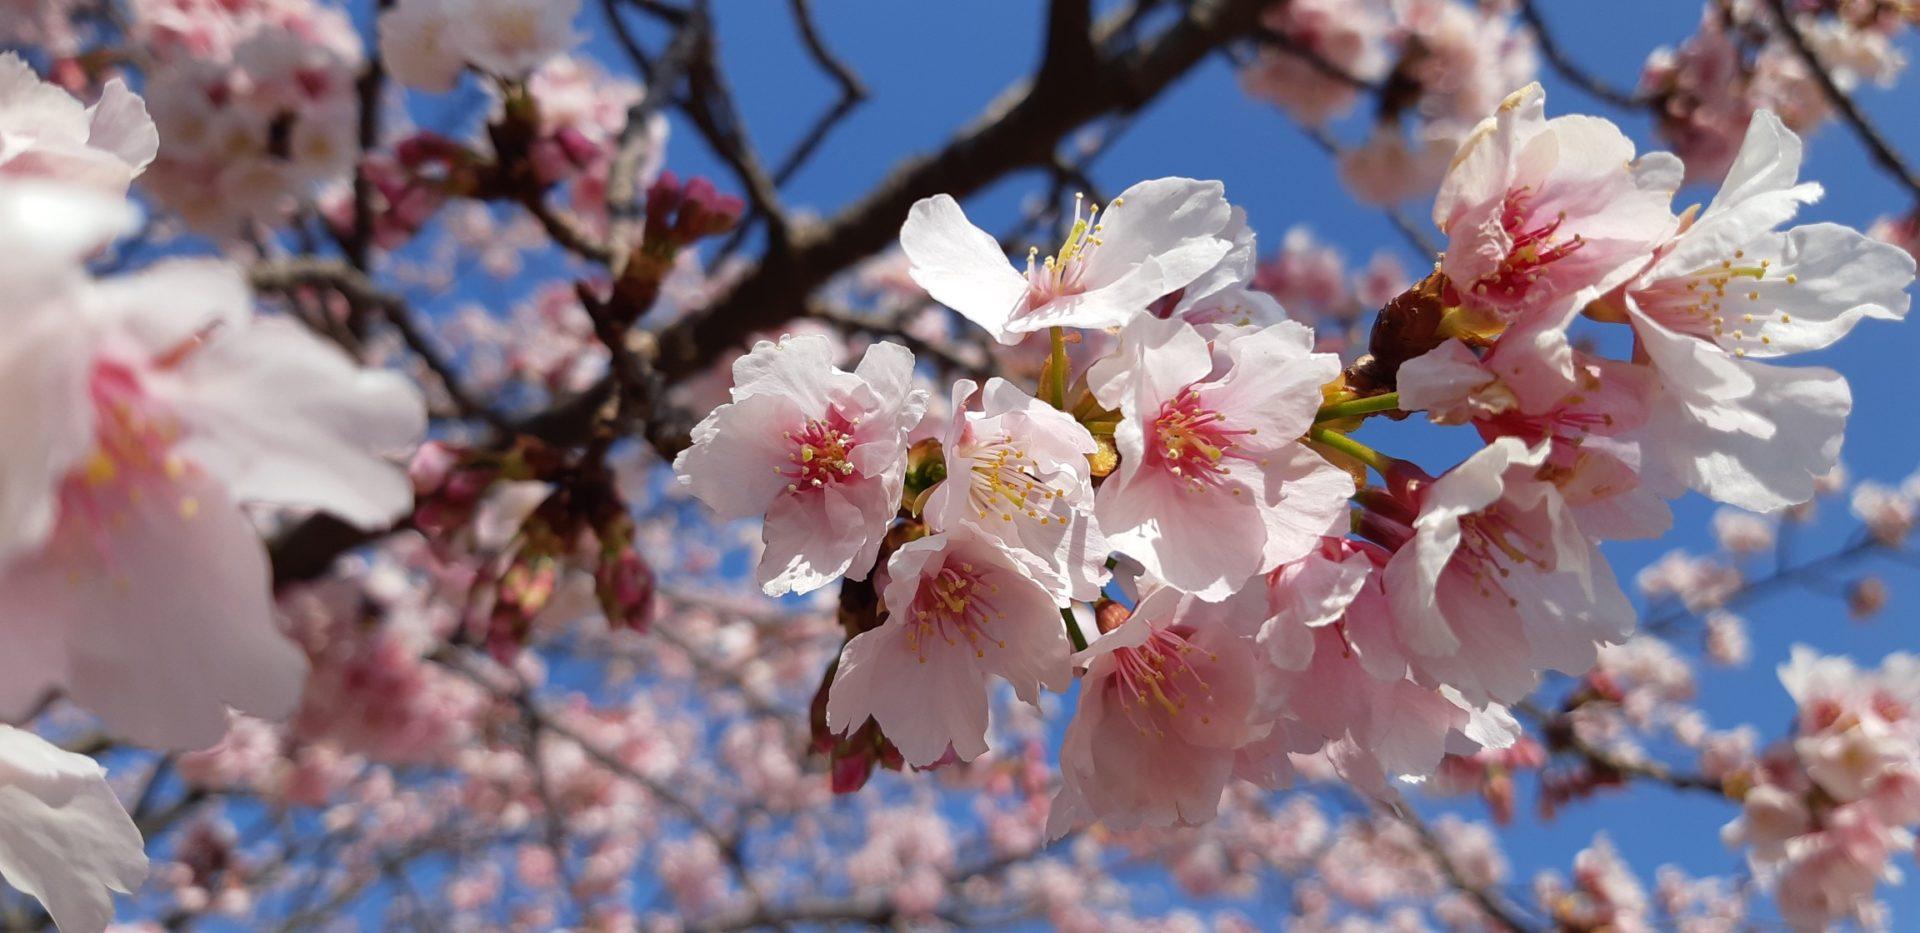 『大寒桜』が満開です。~2月25日(火)~